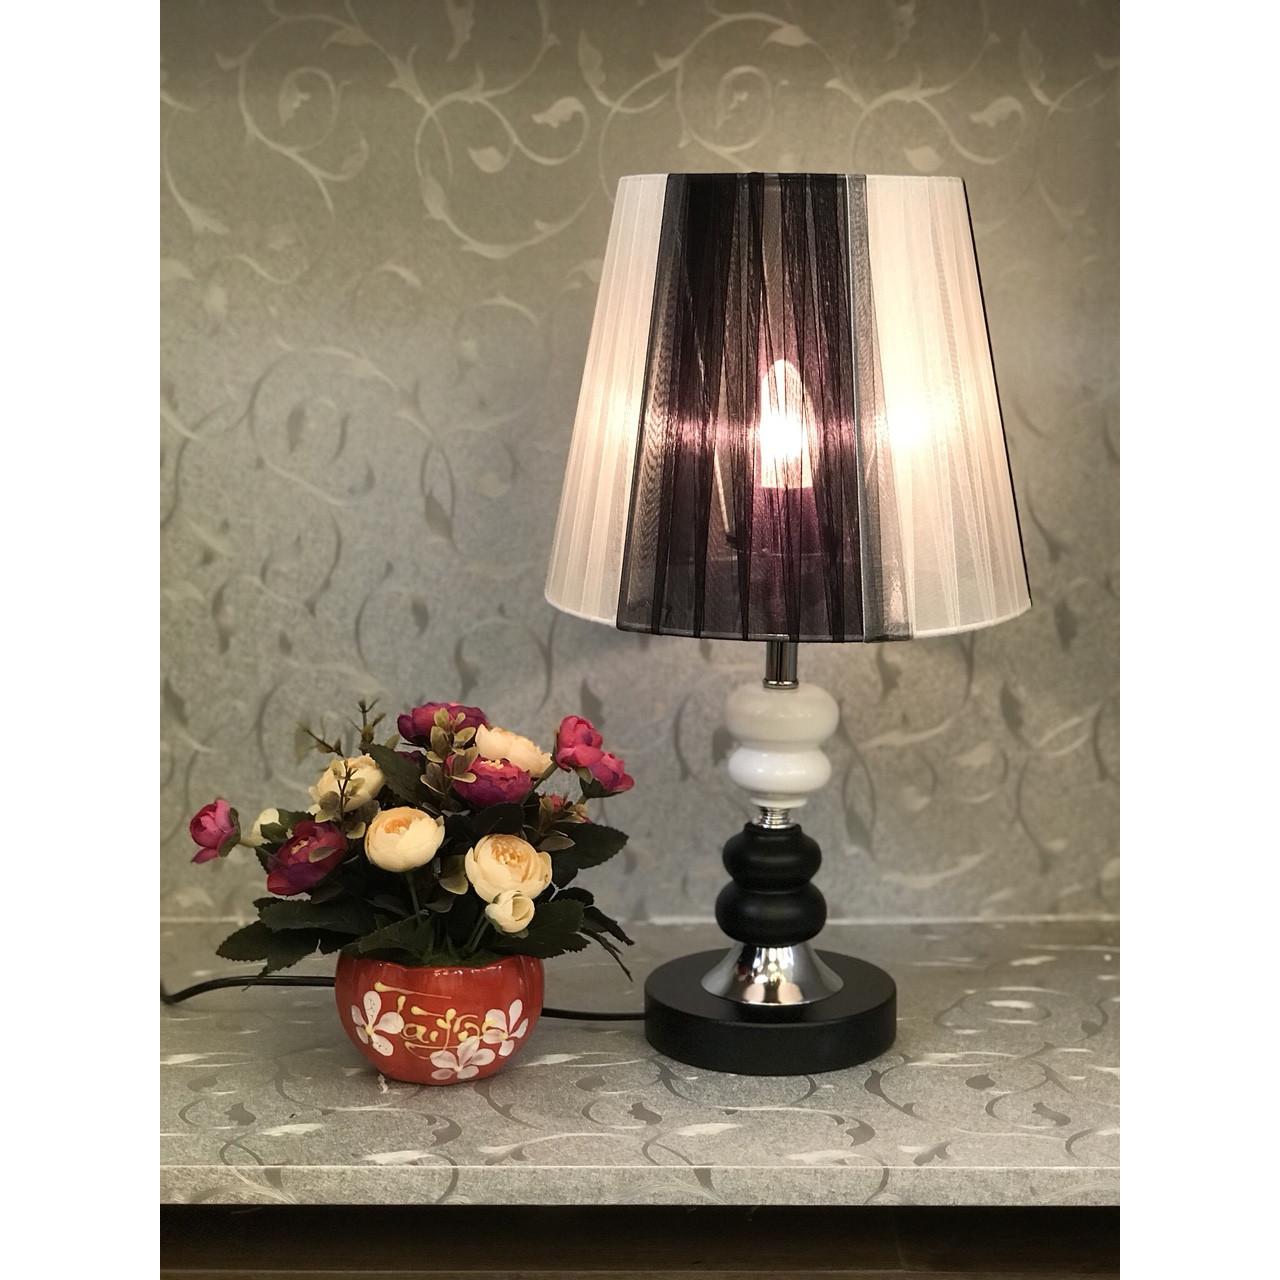 Đèn ngủ gỗ để bàn MB7558